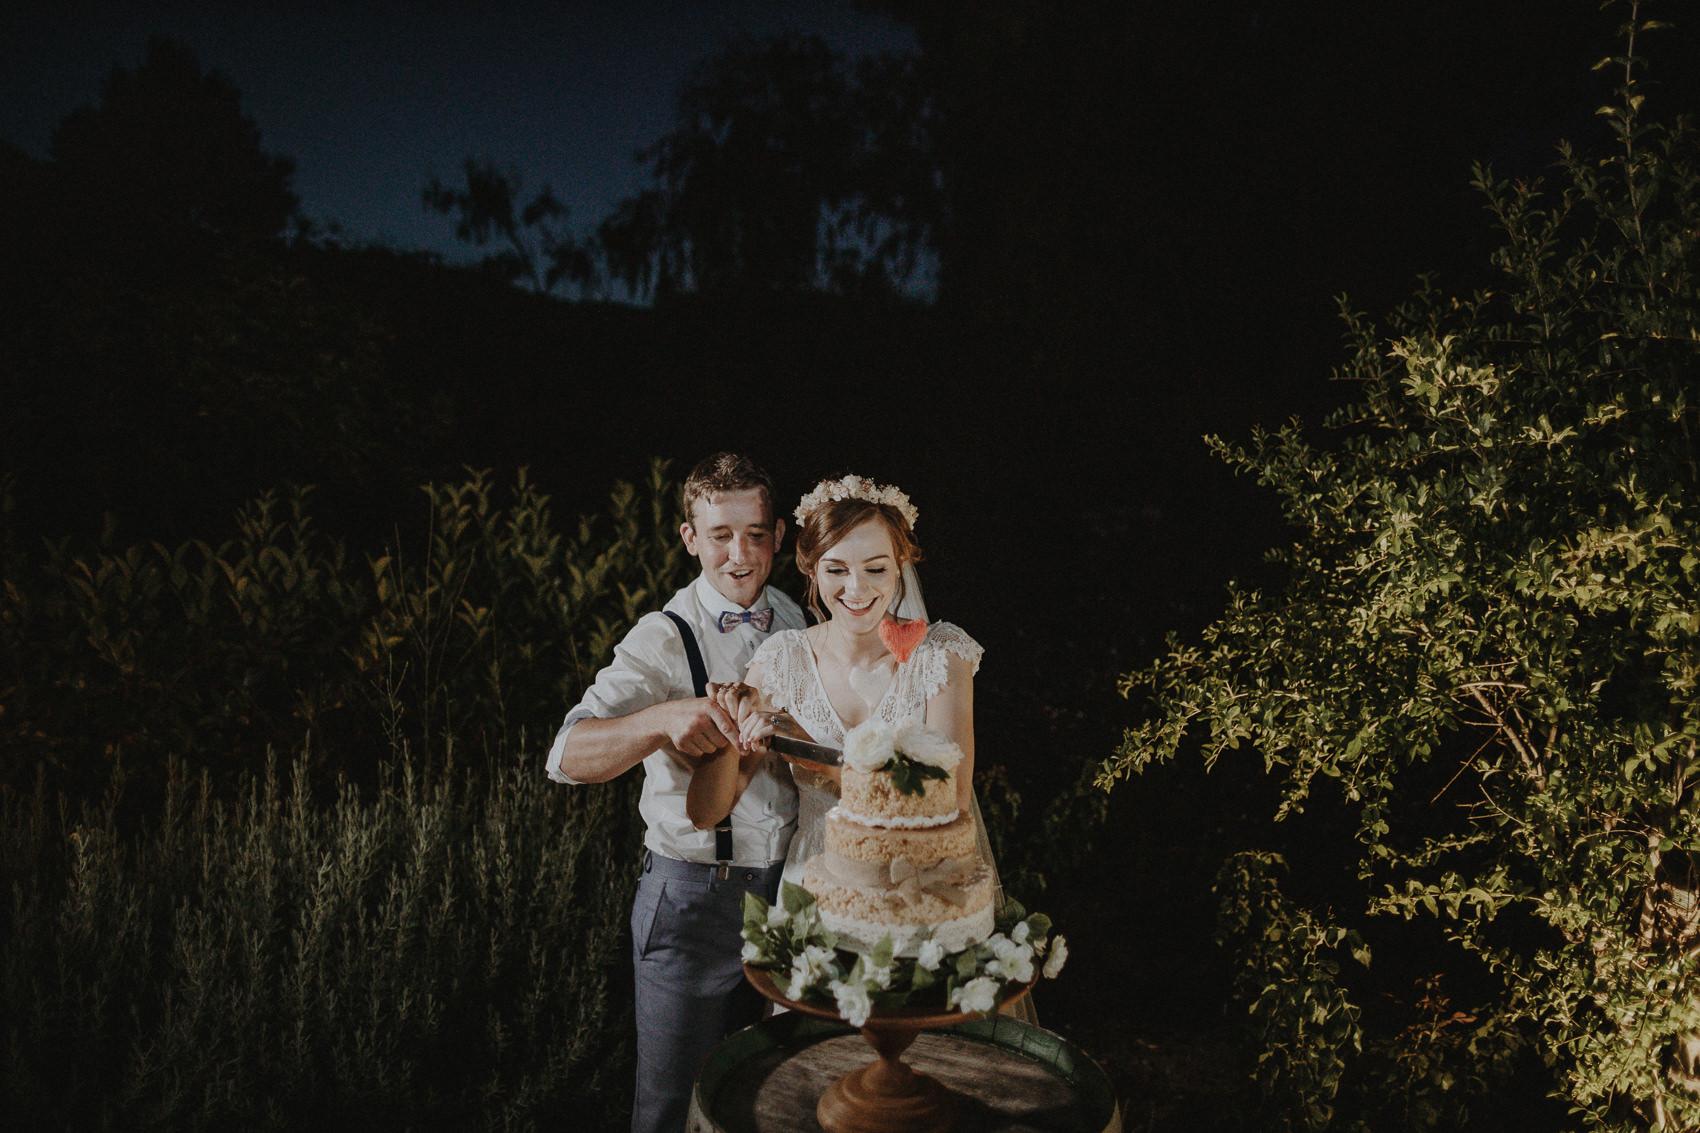 Sarah & Bill | Summer wedding at Cortijo Rosa Blanca | Marbella - Spain 152